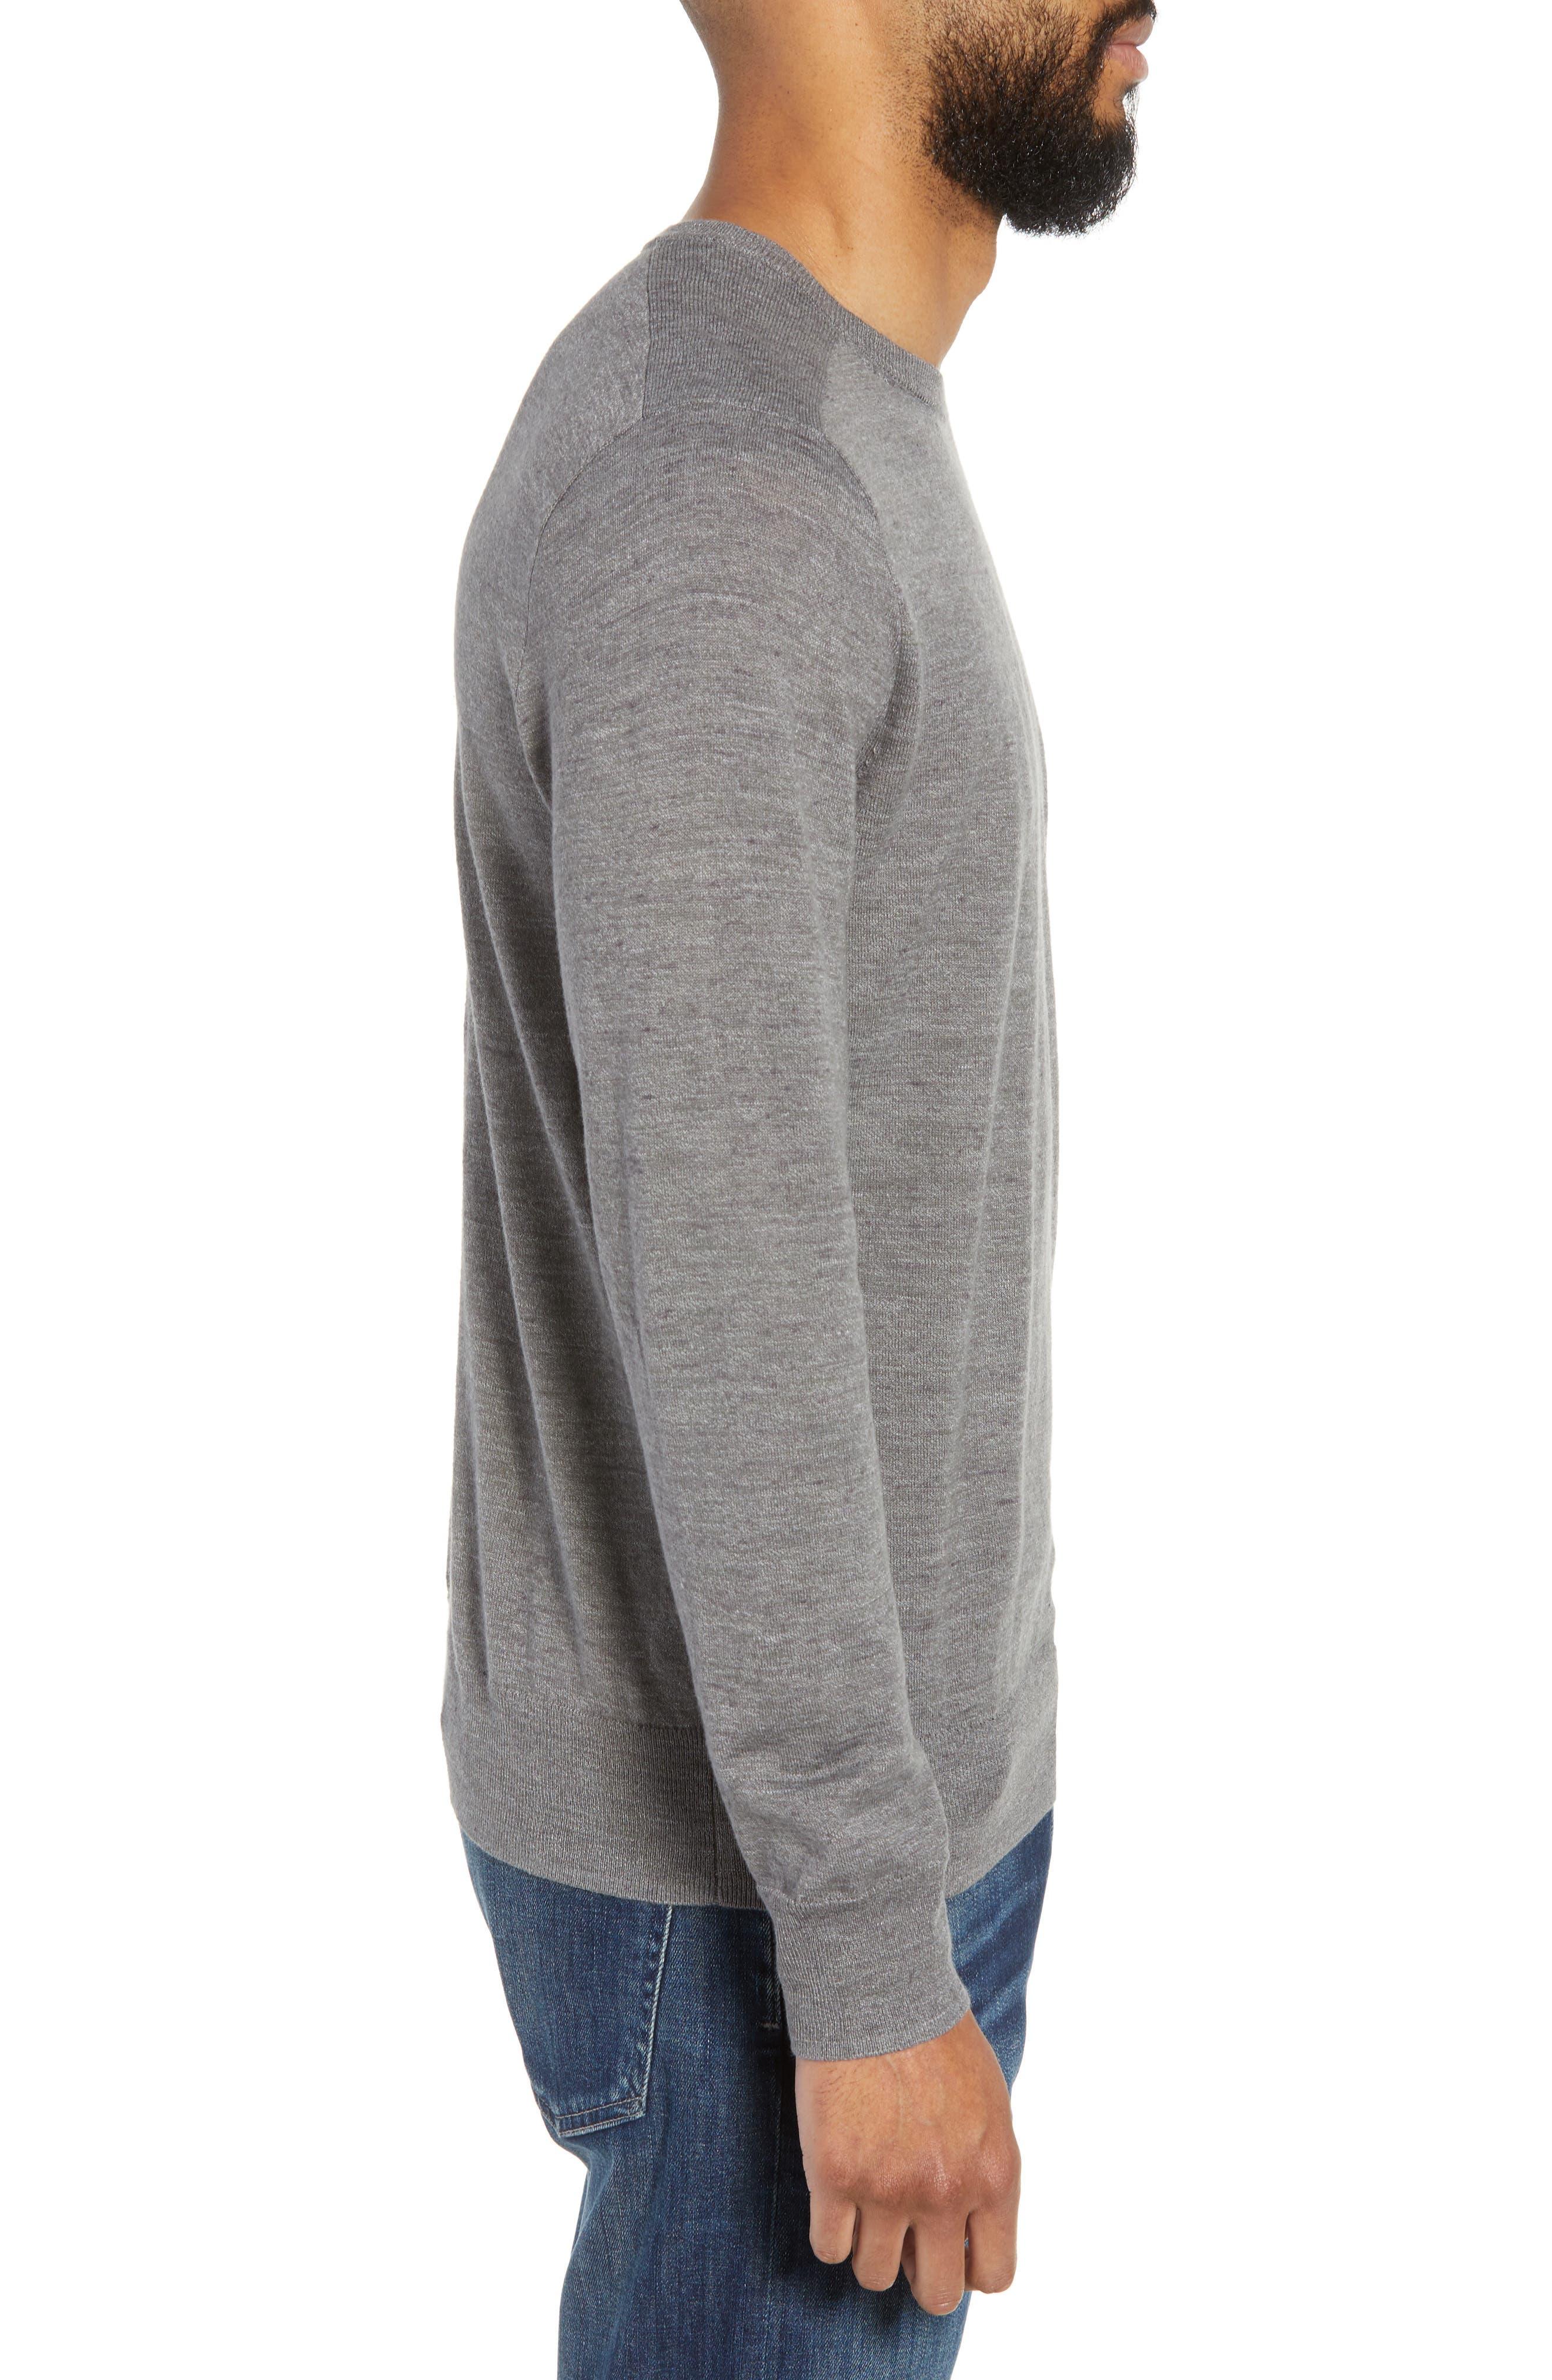 Cotton Blend Crewneck Sweater,                             Alternate thumbnail 3, color,                             022